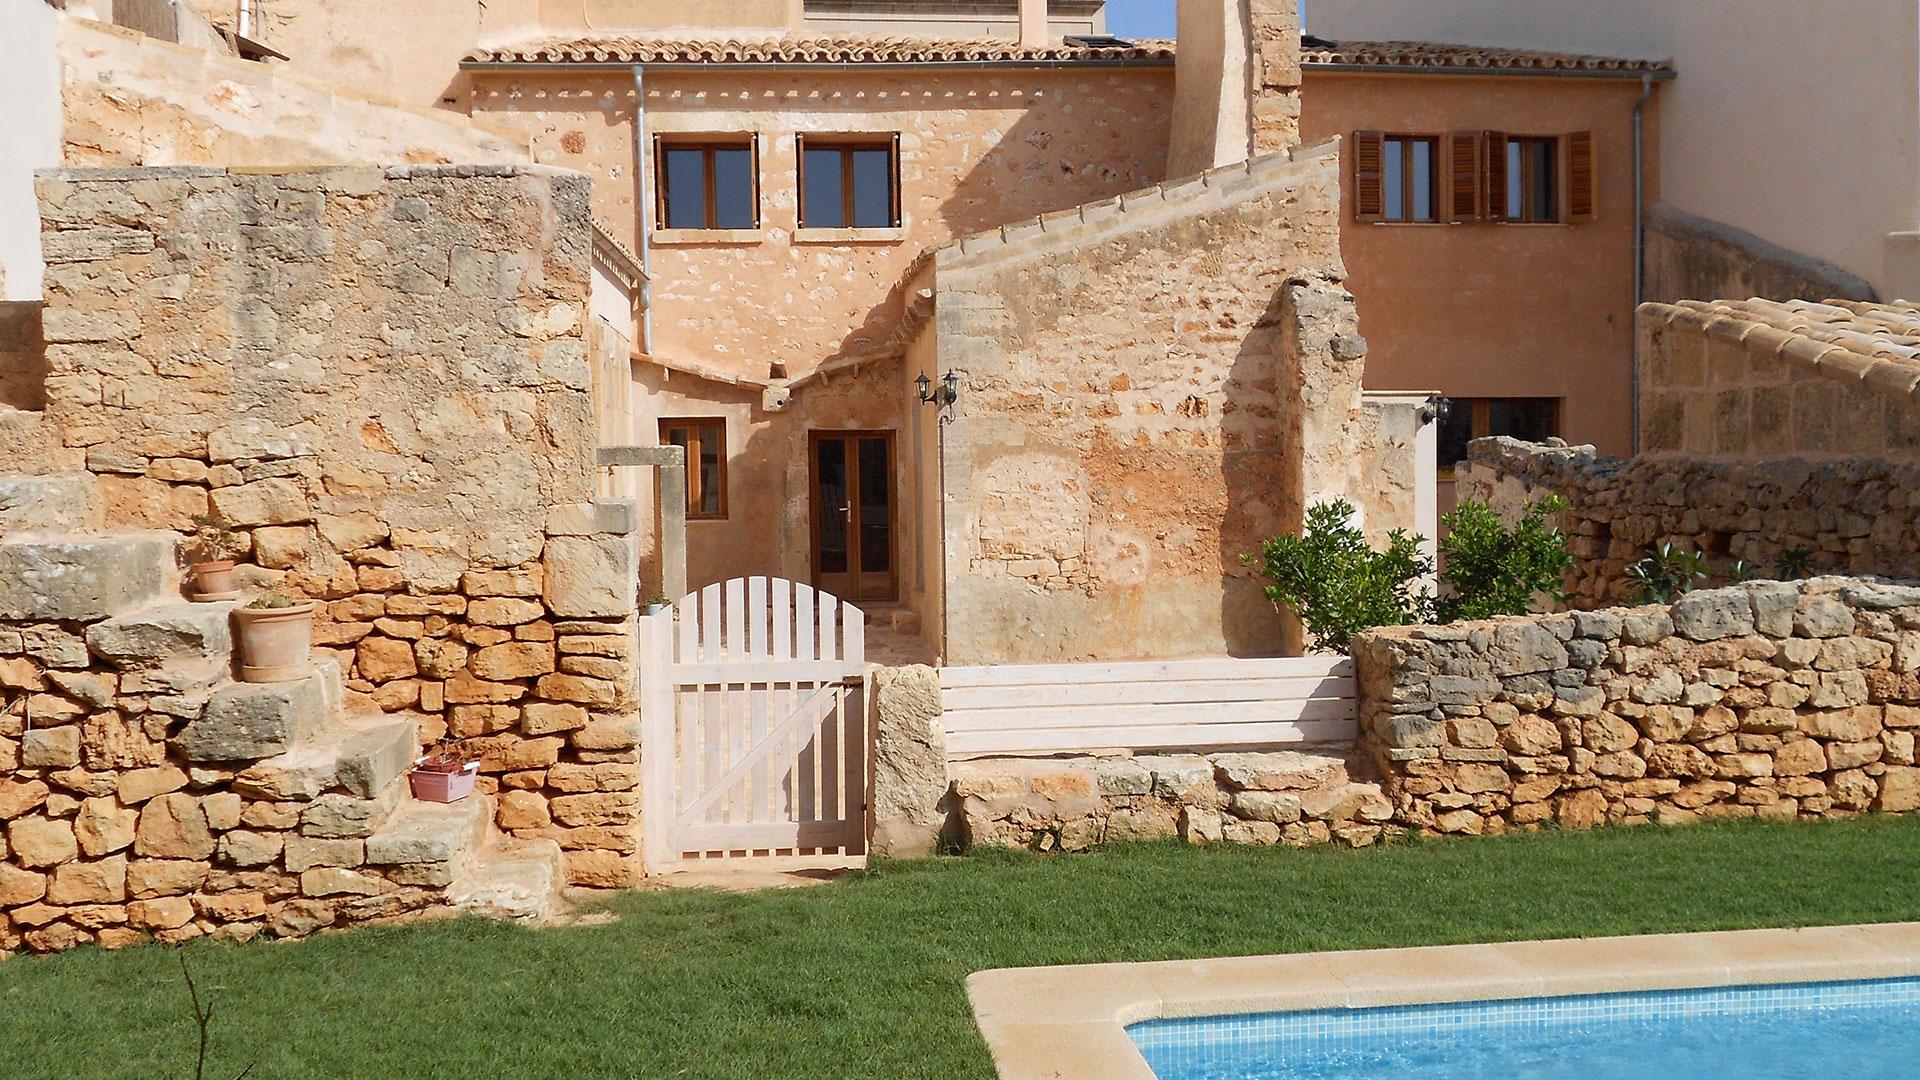 Rafael Sala -Arquitectura sostenible y saludable. Reforma bioclimática en Santanyí, Mallorca.